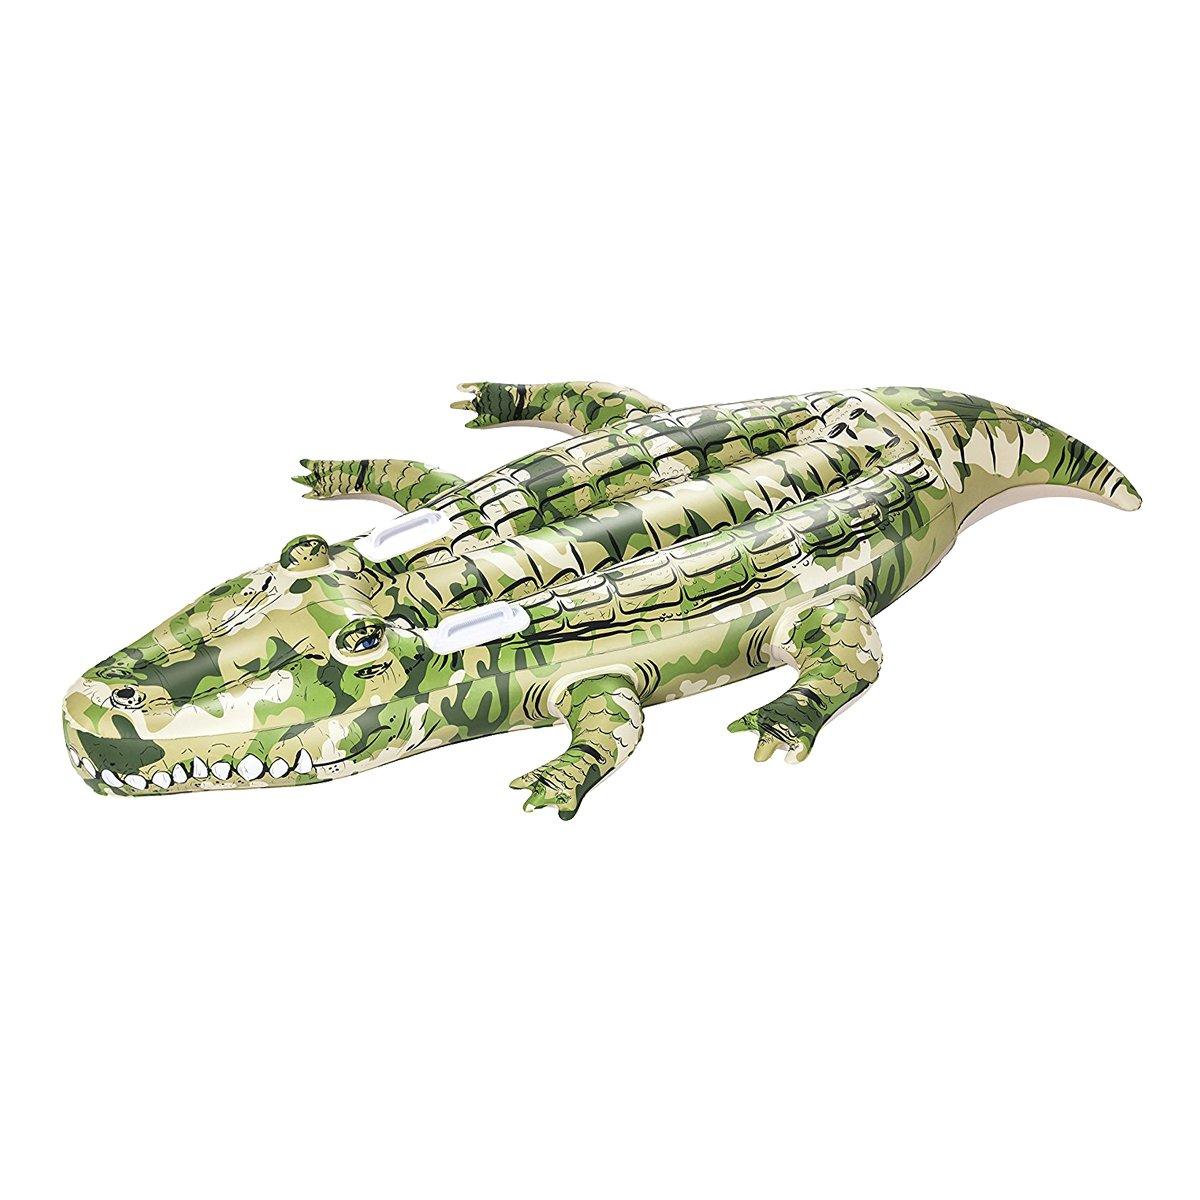 Dabuty Online, S.L. Colchoneta Flotador Hinchable Cocodrilo Verde Camuflaje para Playa o Piscina Tamaño 175 x 102 cm: Amazon.es: Hogar